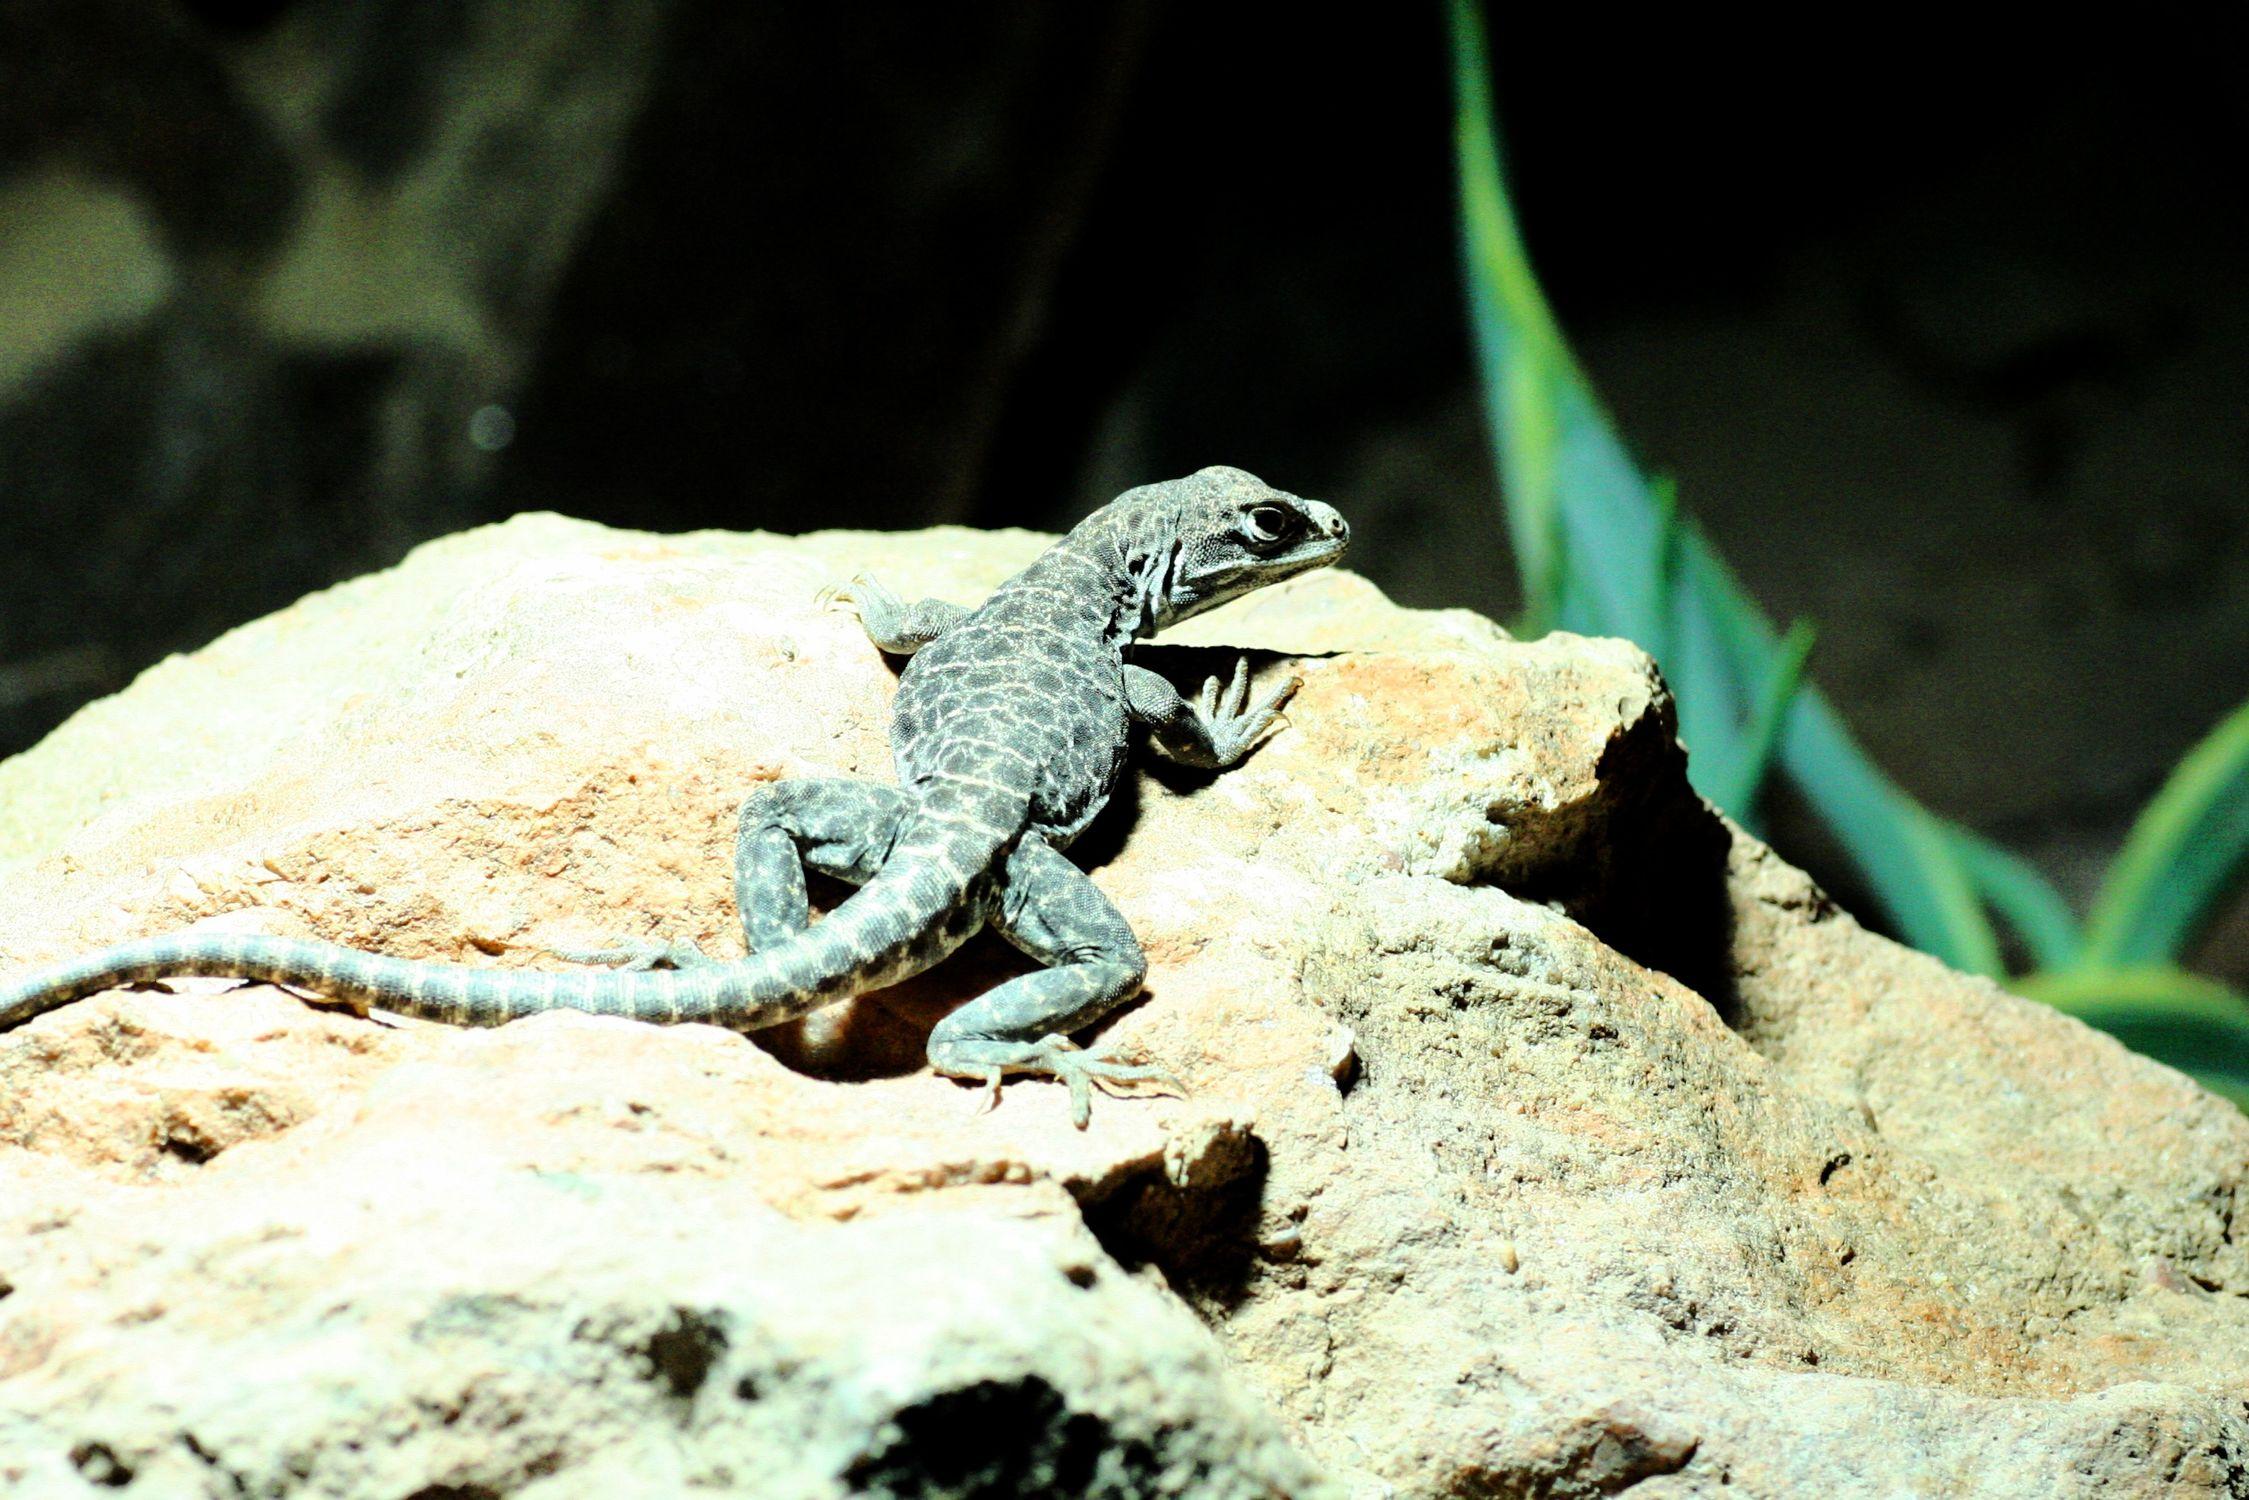 Bild mit Tiere, Amphibien, Zoos, Reptilien, Eidechsen, Leguane, Tier, Reptil